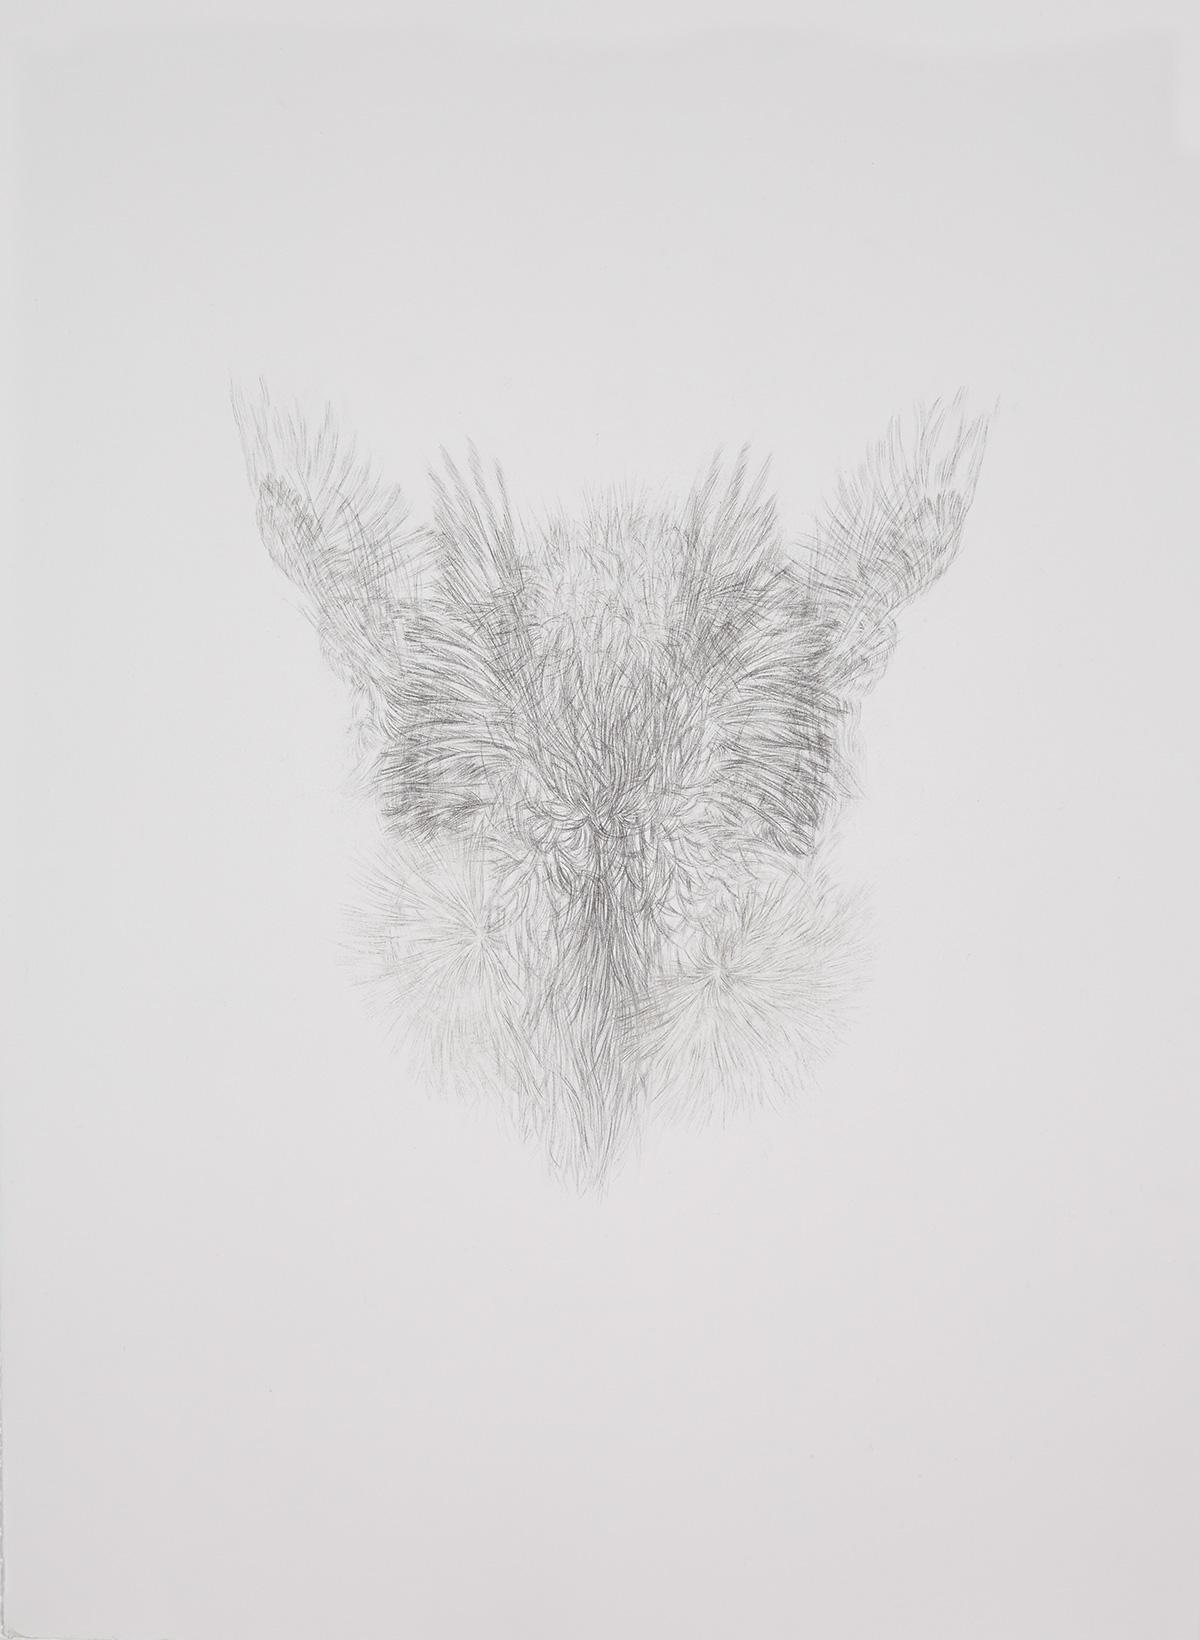 <i>Derrière les secrets (marabout)</i>, 2016, graphite, 80x60cm